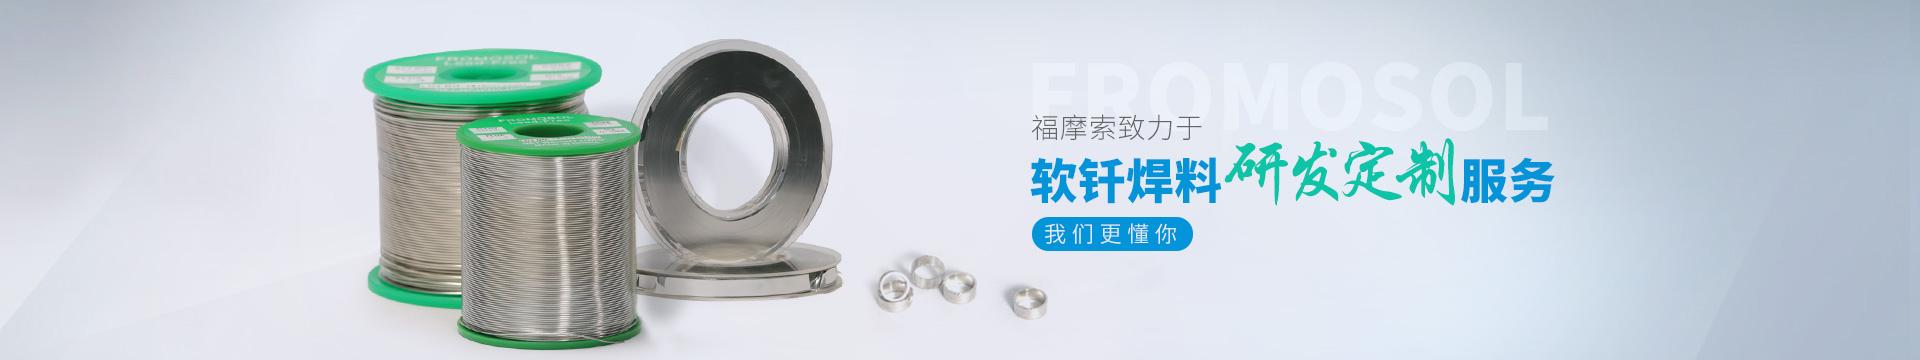 福摩索致力于软钎焊料研发定制服务,我们更懂你